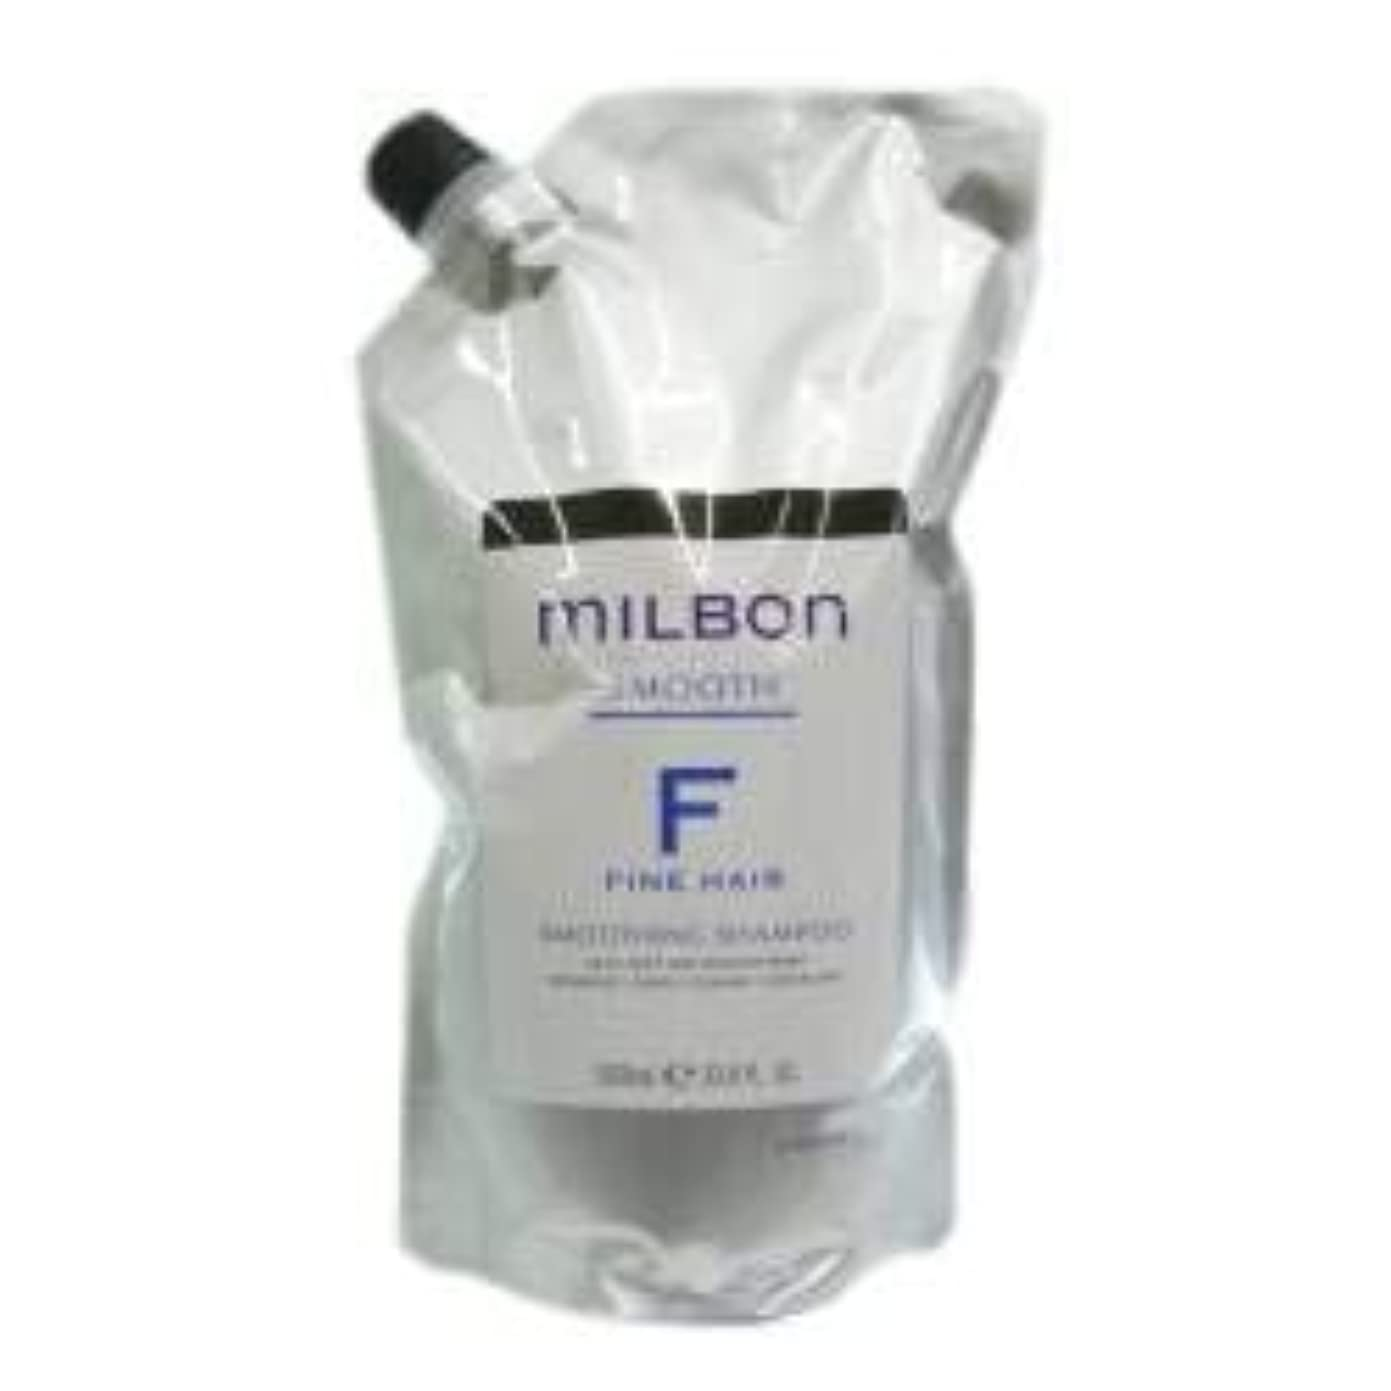 言語学廃止一貫したミルボン スムージング シャンプー<つめかえ用> ファインヘア(1000ml)